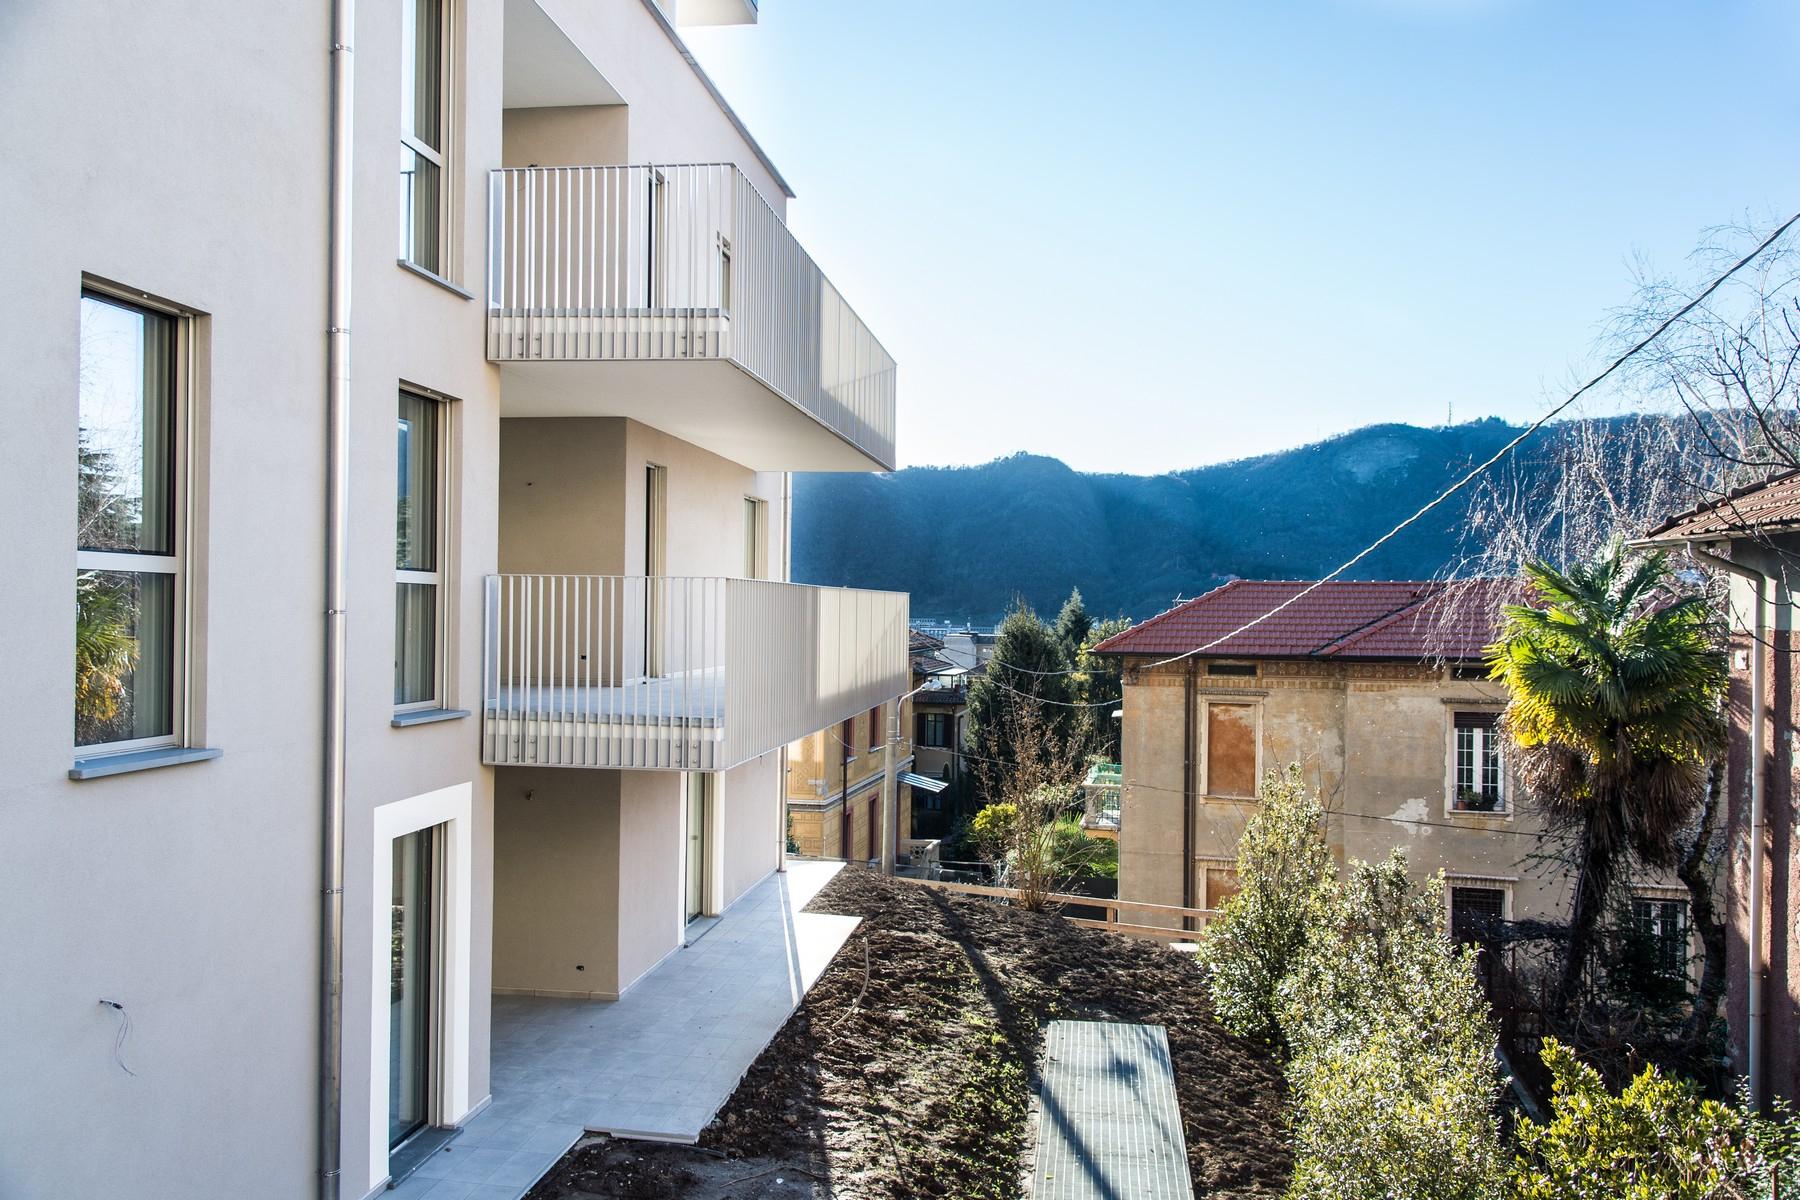 Appartamento in Vendita a Como: 5 locali, 140 mq - Foto 5